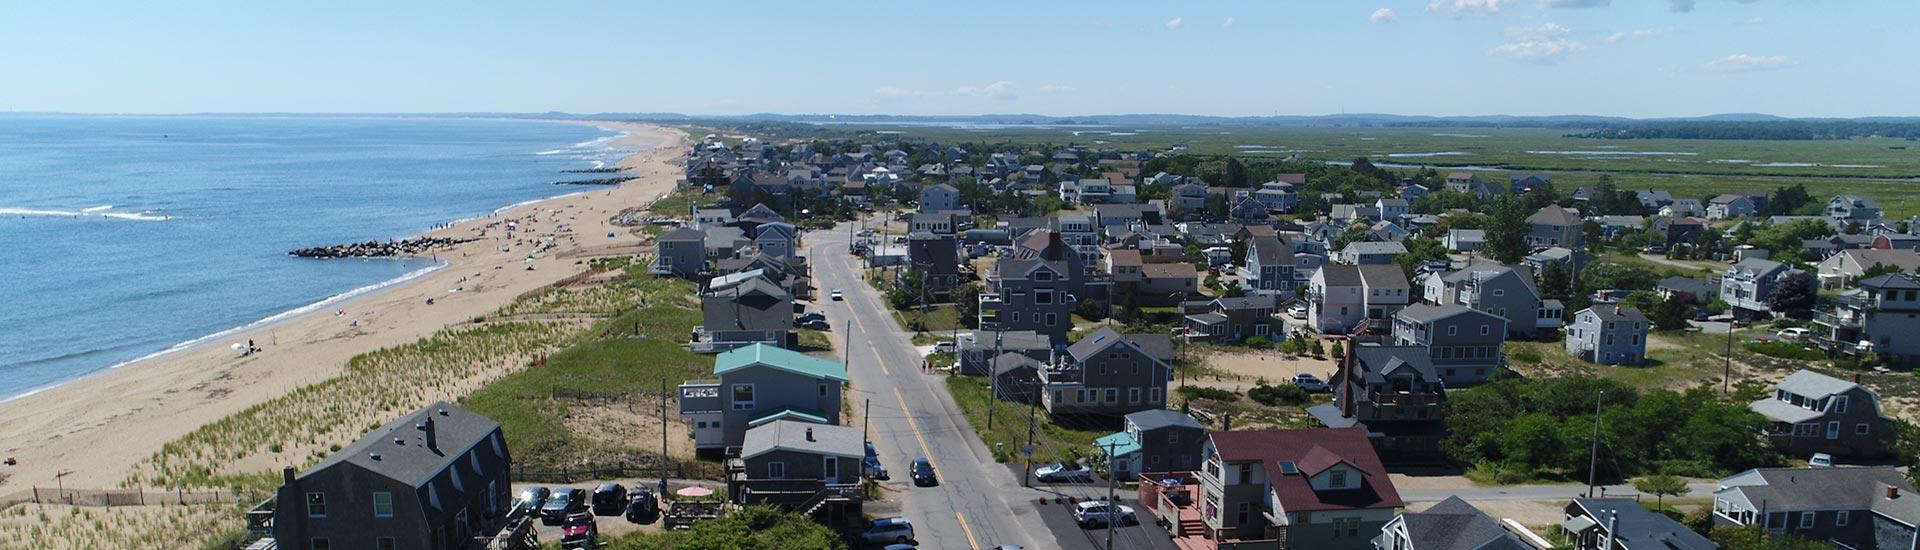 Plum Island Beach Rentals Property Management Rentals Sales Company.